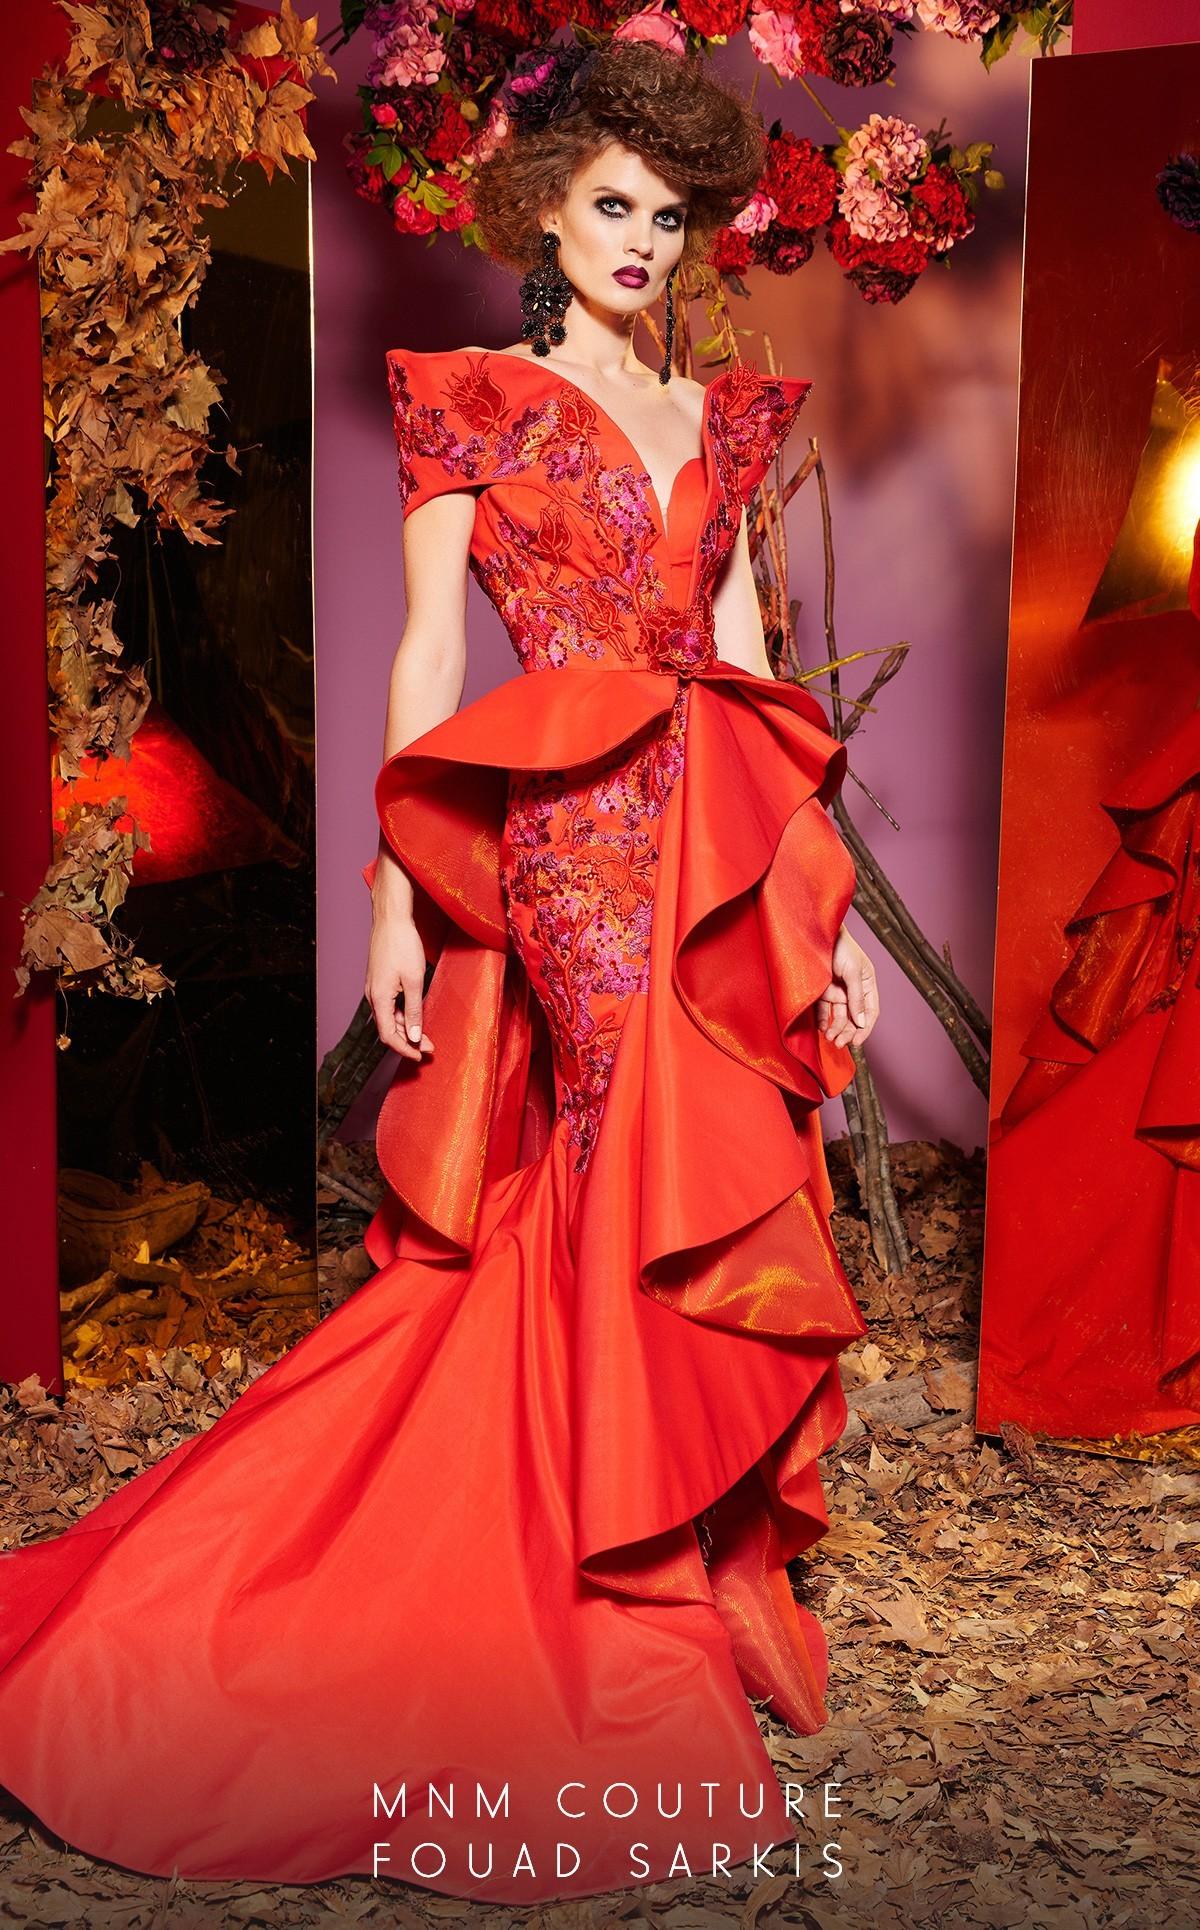 Simone 24282 платье со сложным кроем, длинное со шлейфом